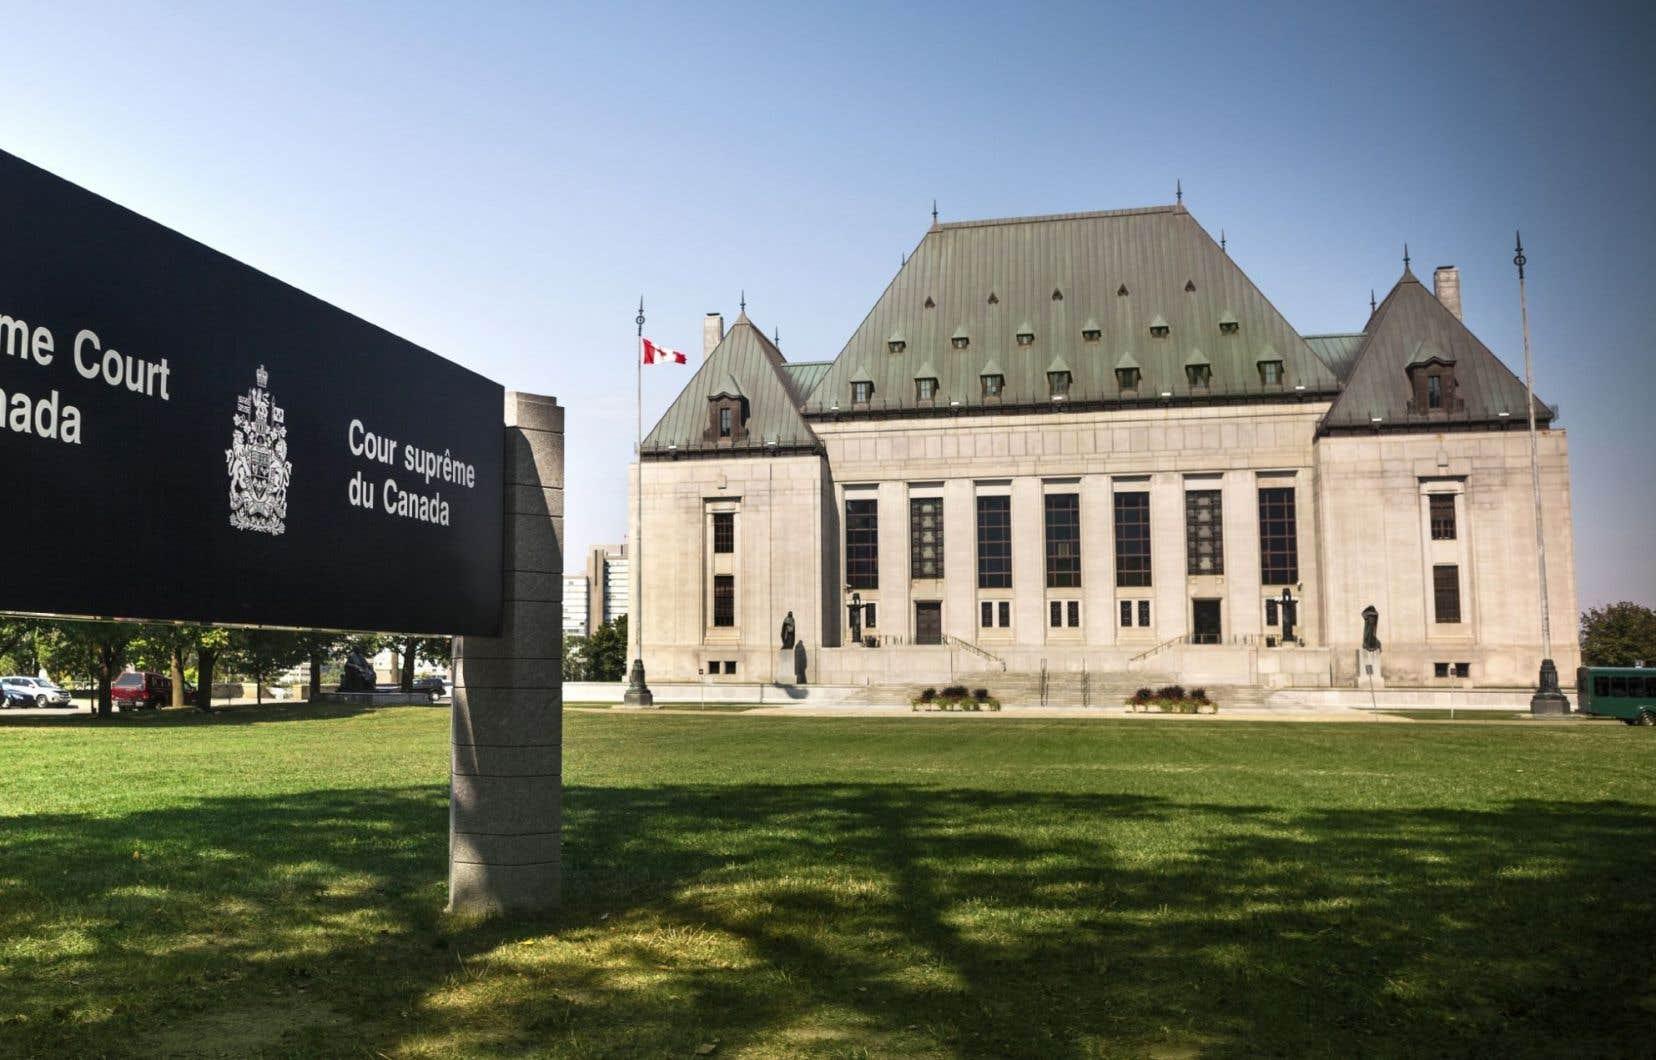 Dans sa lettre, Justin Trudeau ajoute que l'époque où les gouvernements nommaient des juges à la Cour suprême en coulisses et en secret est révolue.